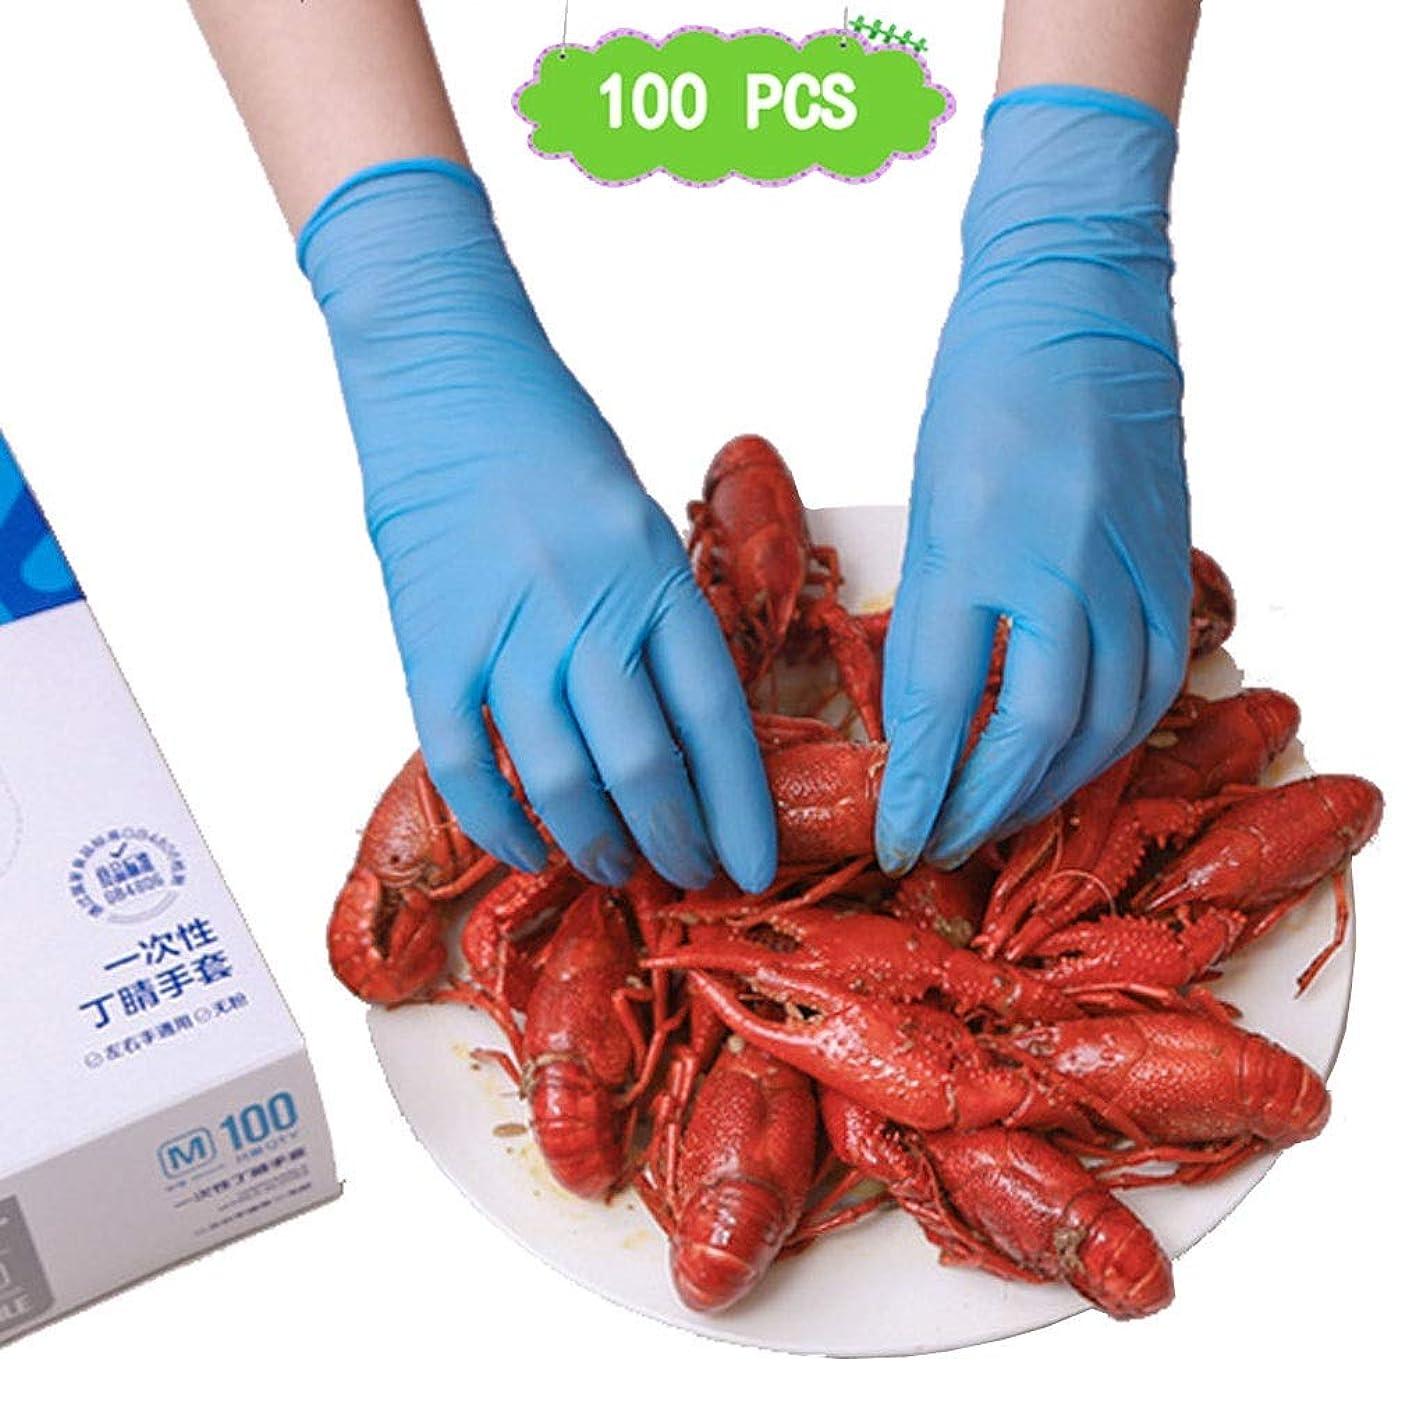 懇願するブッシュ資源ニトリル手袋、滑り止め使い捨て手袋ペットケアブルーフィンガーヘンプキッチンクリーニングエビビューティーサロンラテックスフリー、ダークブルーパウダーフリー、100個 (Size : S)